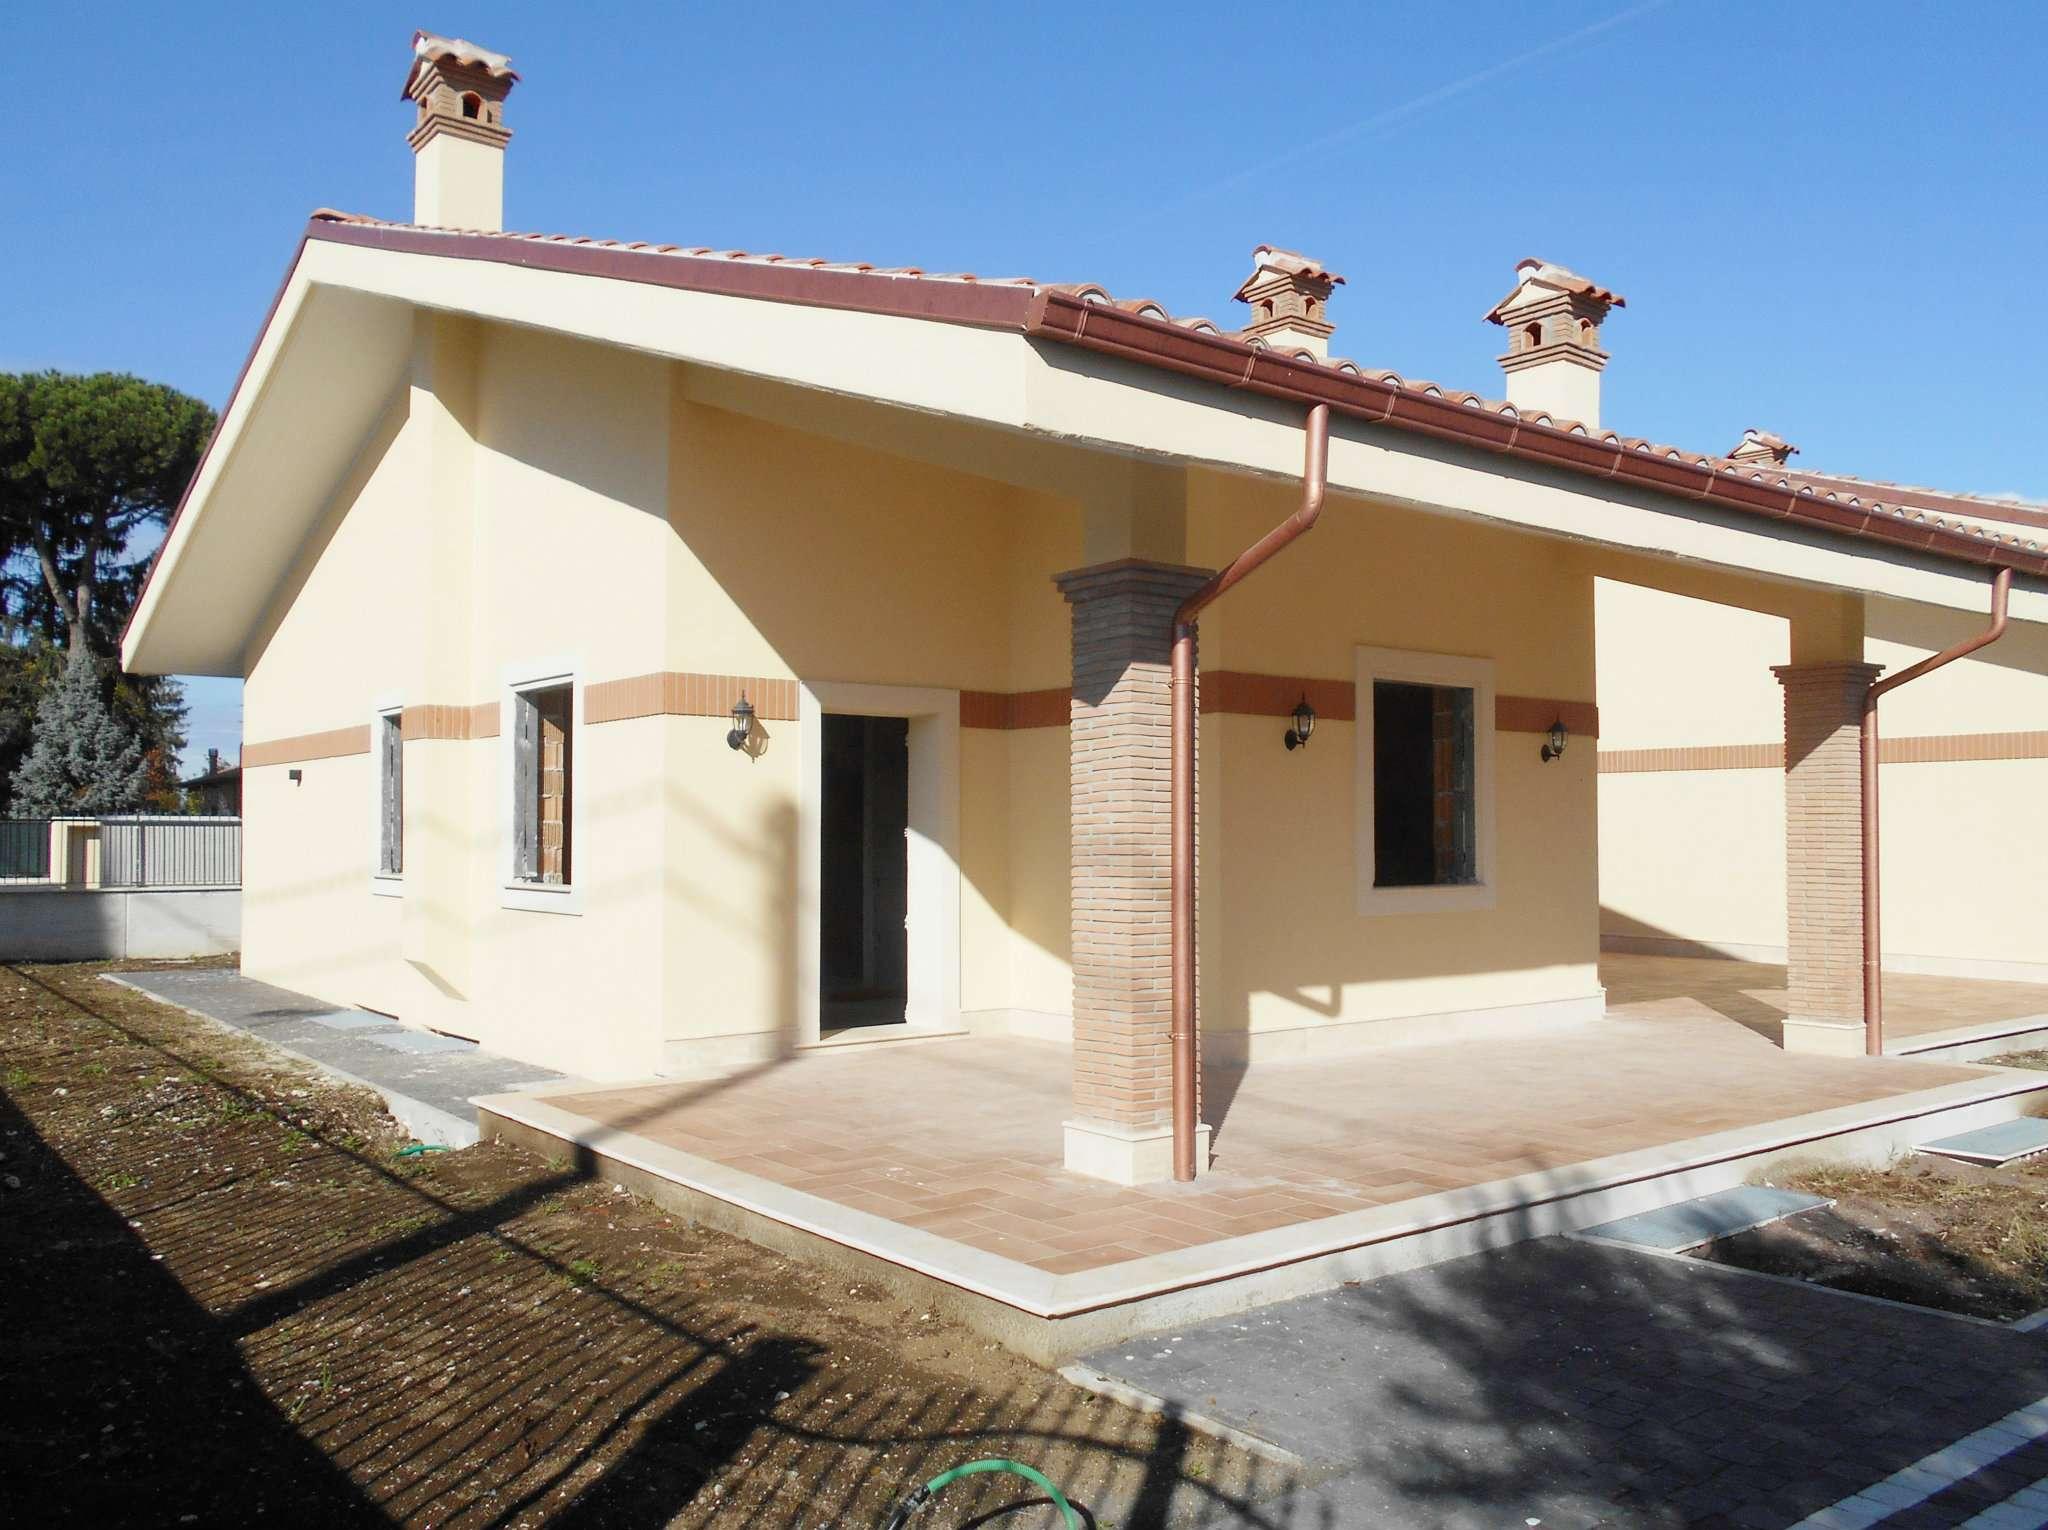 Villa in vendita a Zagarolo, 4 locali, prezzo € 255.000 | CambioCasa.it